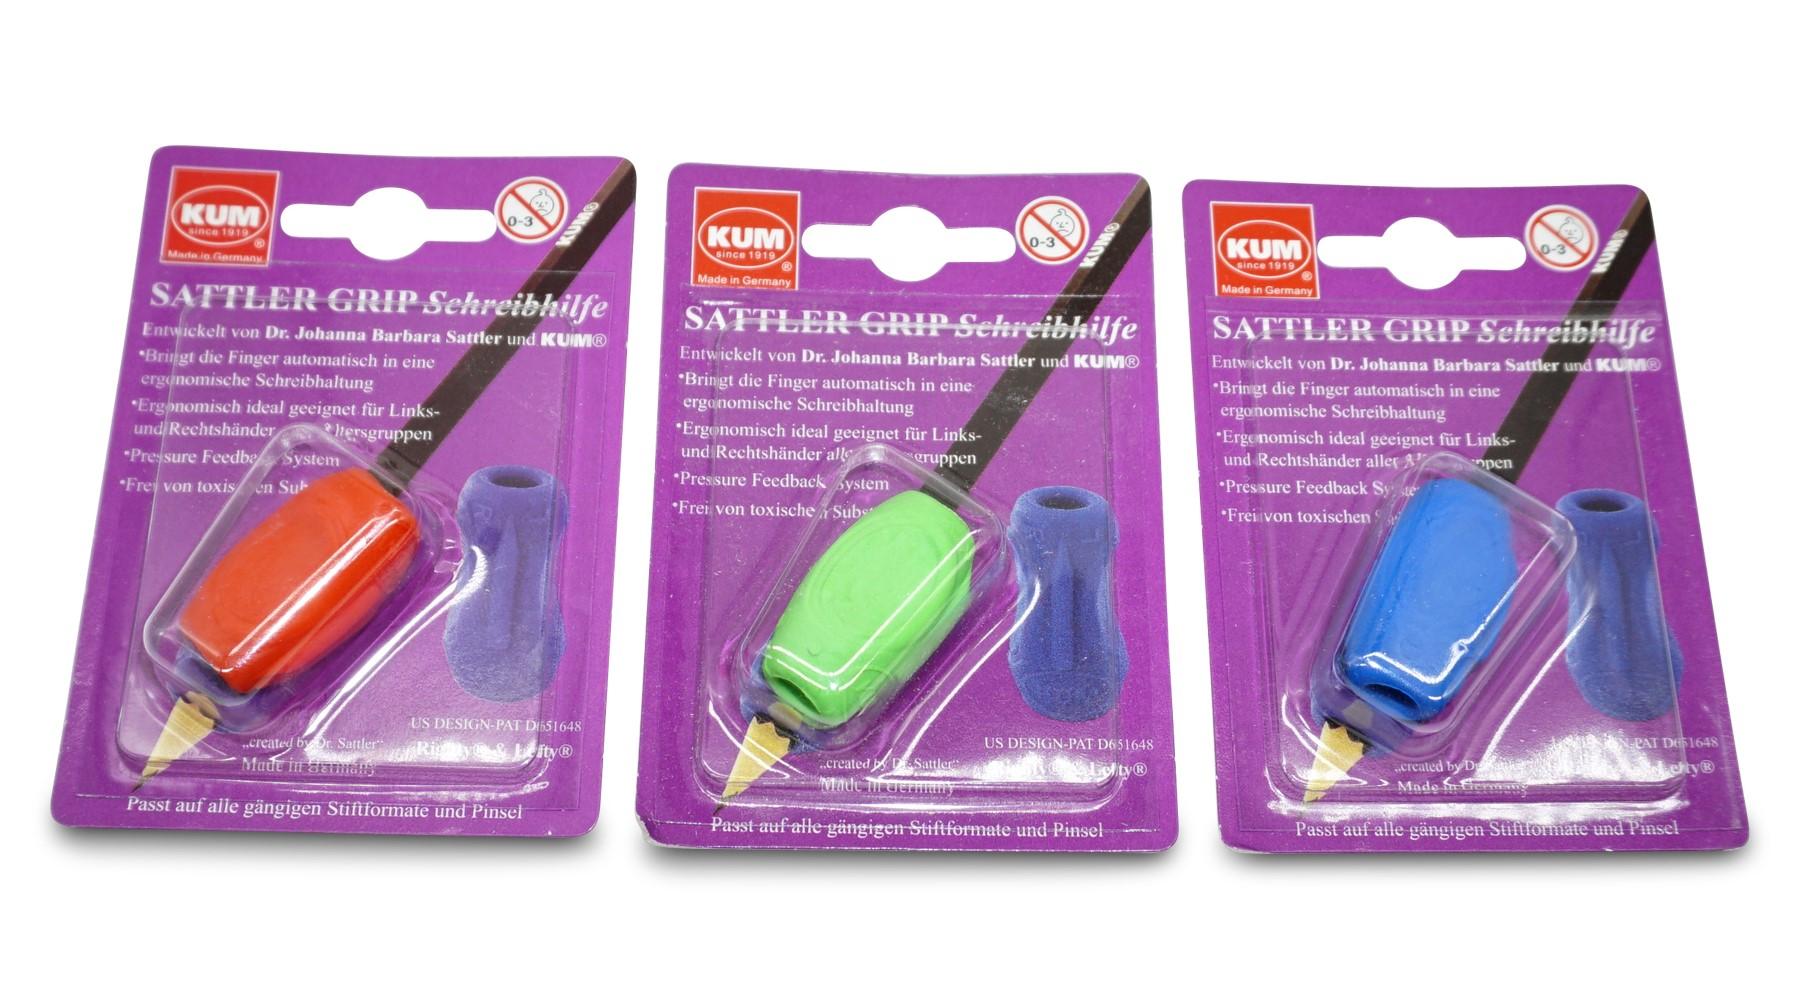 KUM Sattler Grip Schreibhilfe für Rechts- und Linkshänder